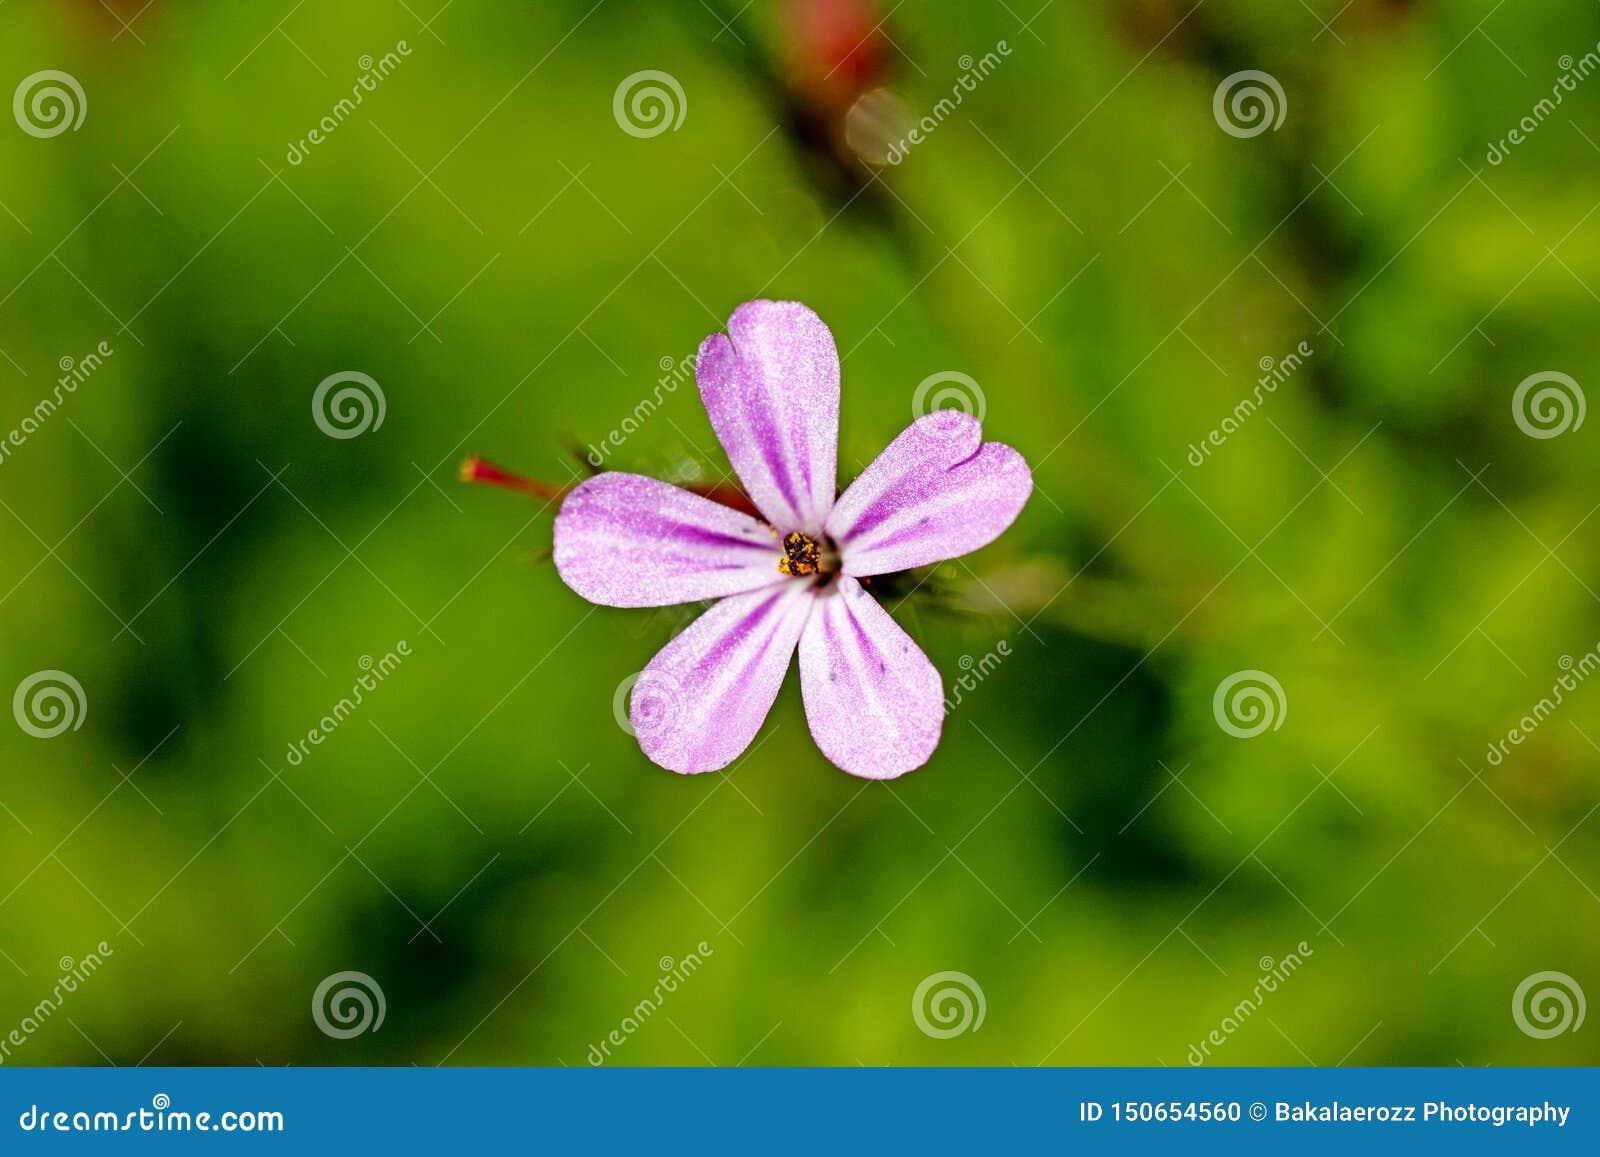 Konst för bakgrund för makro för familj för Geraniaceae för pelargonrobertianumblomma i högkvalitativa tryckprodukter femtio mega